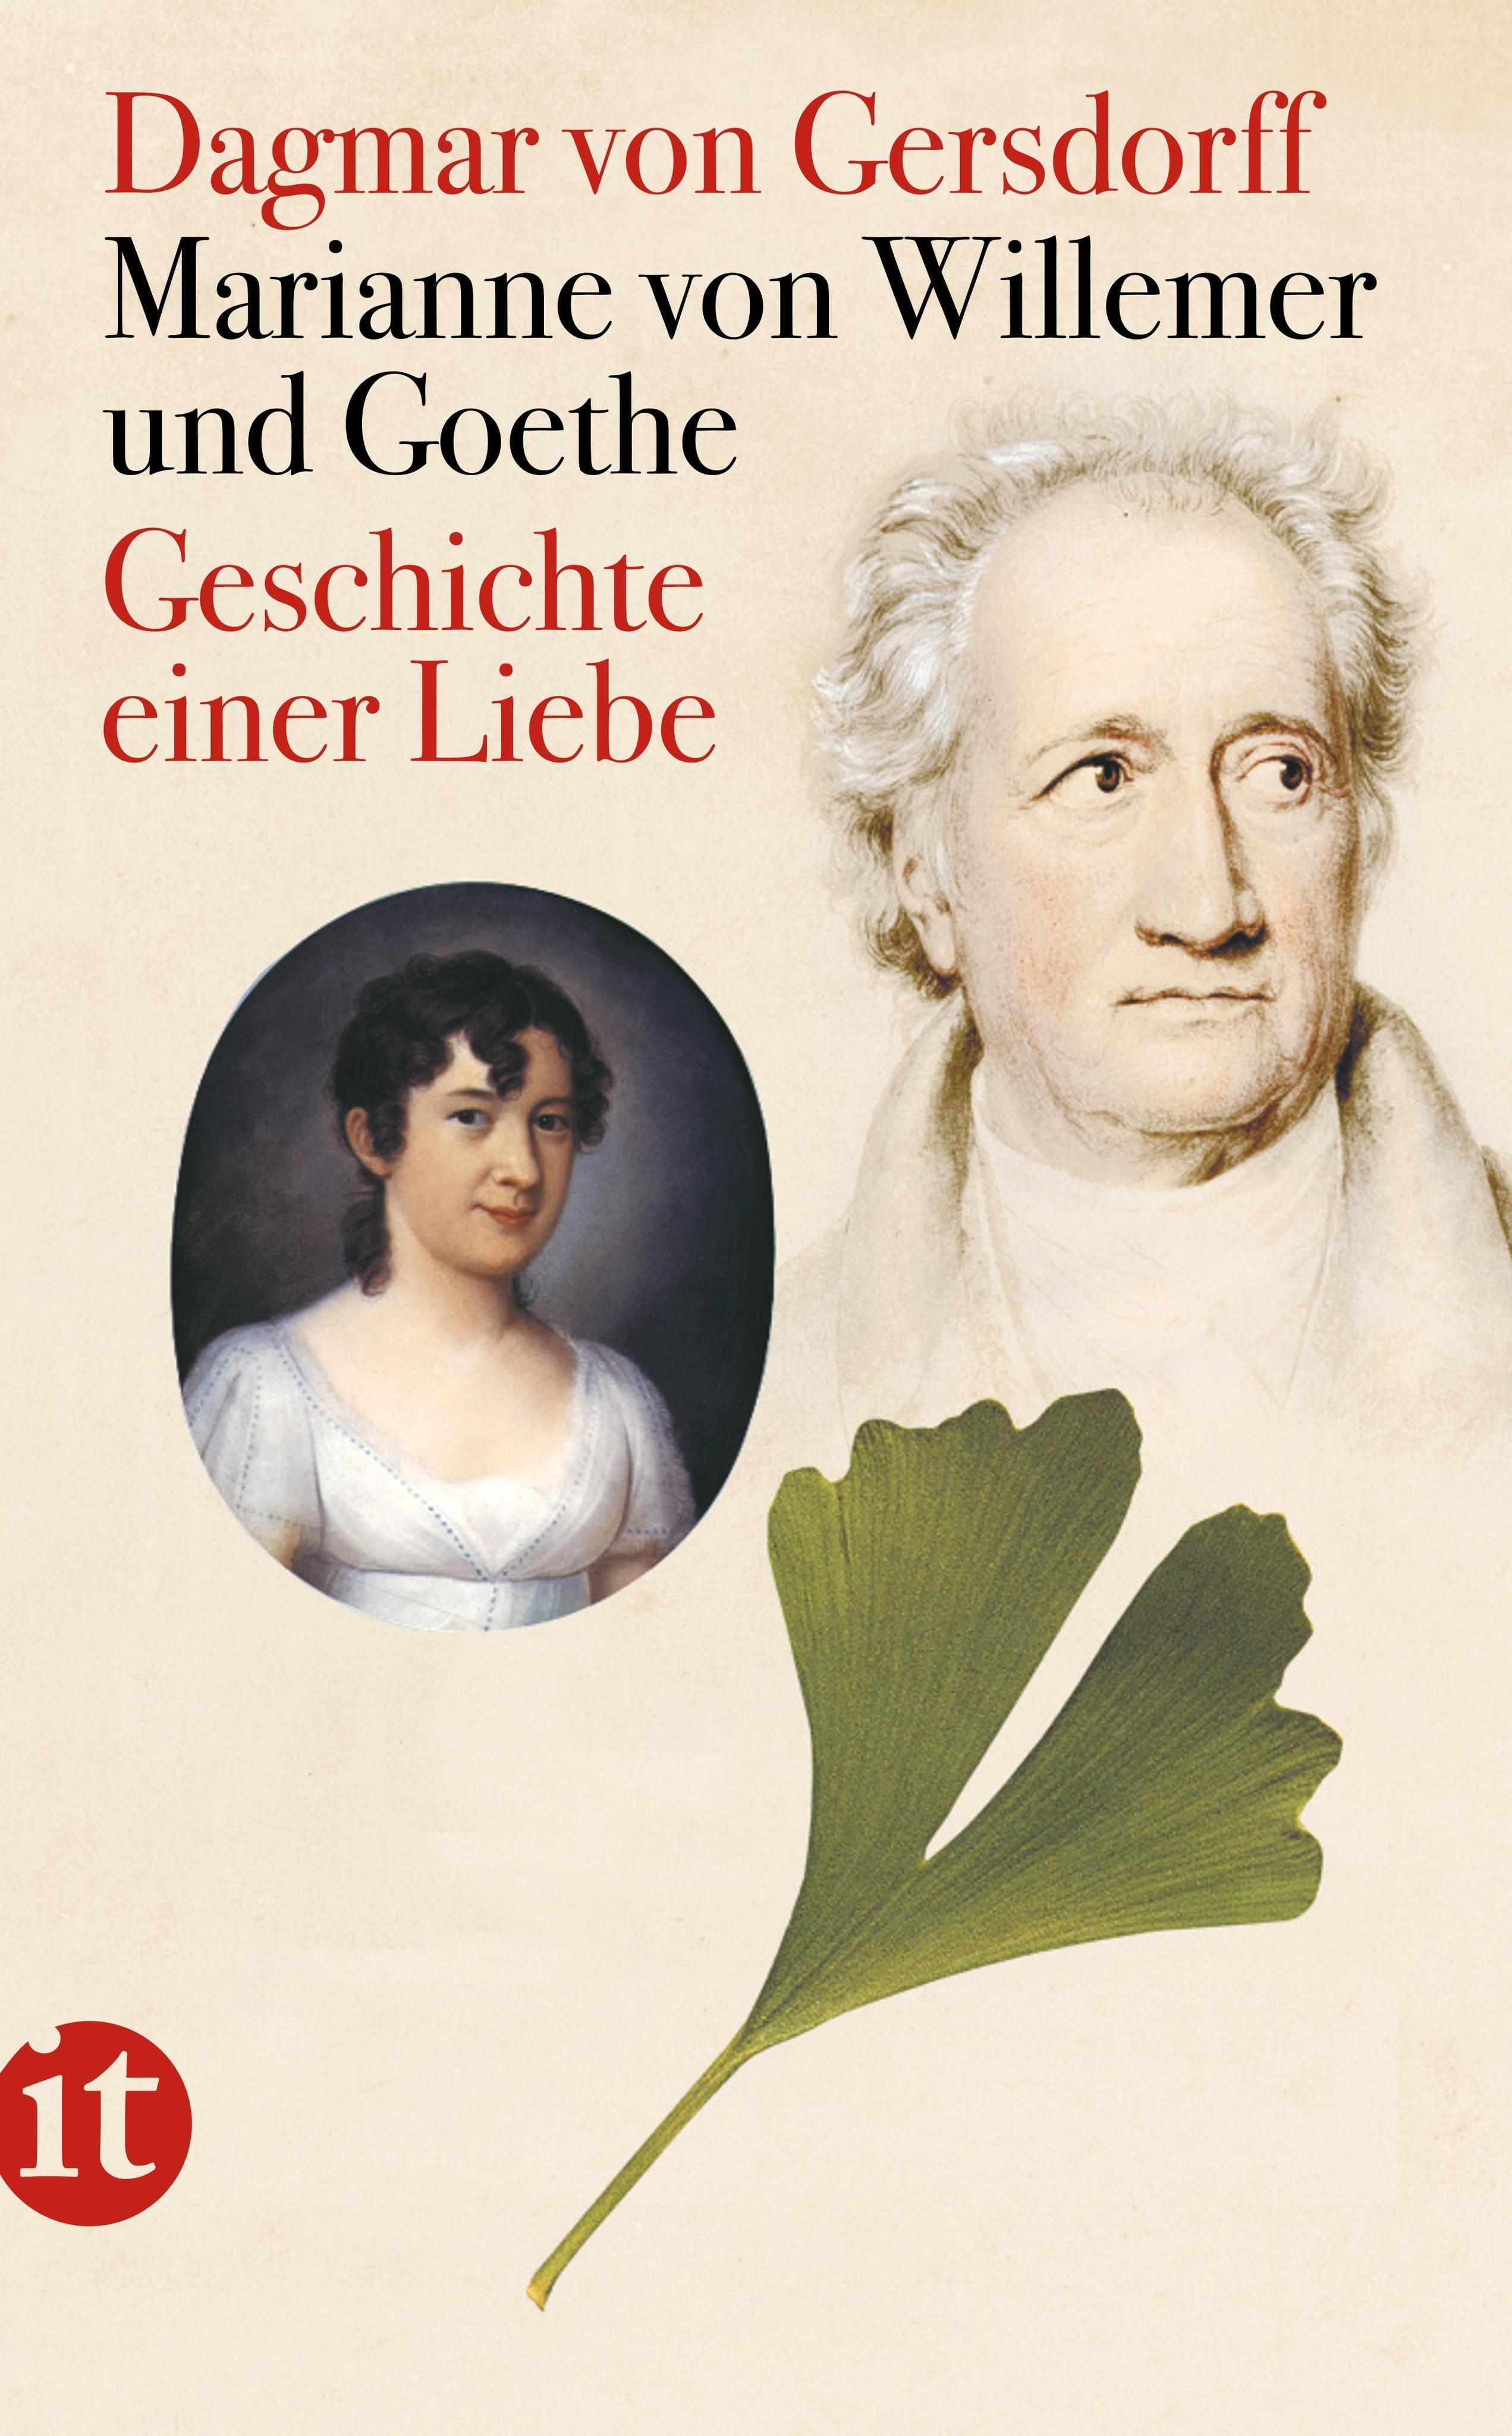 Marianne von Willemer und Goethe Dagmar von Gersdorff